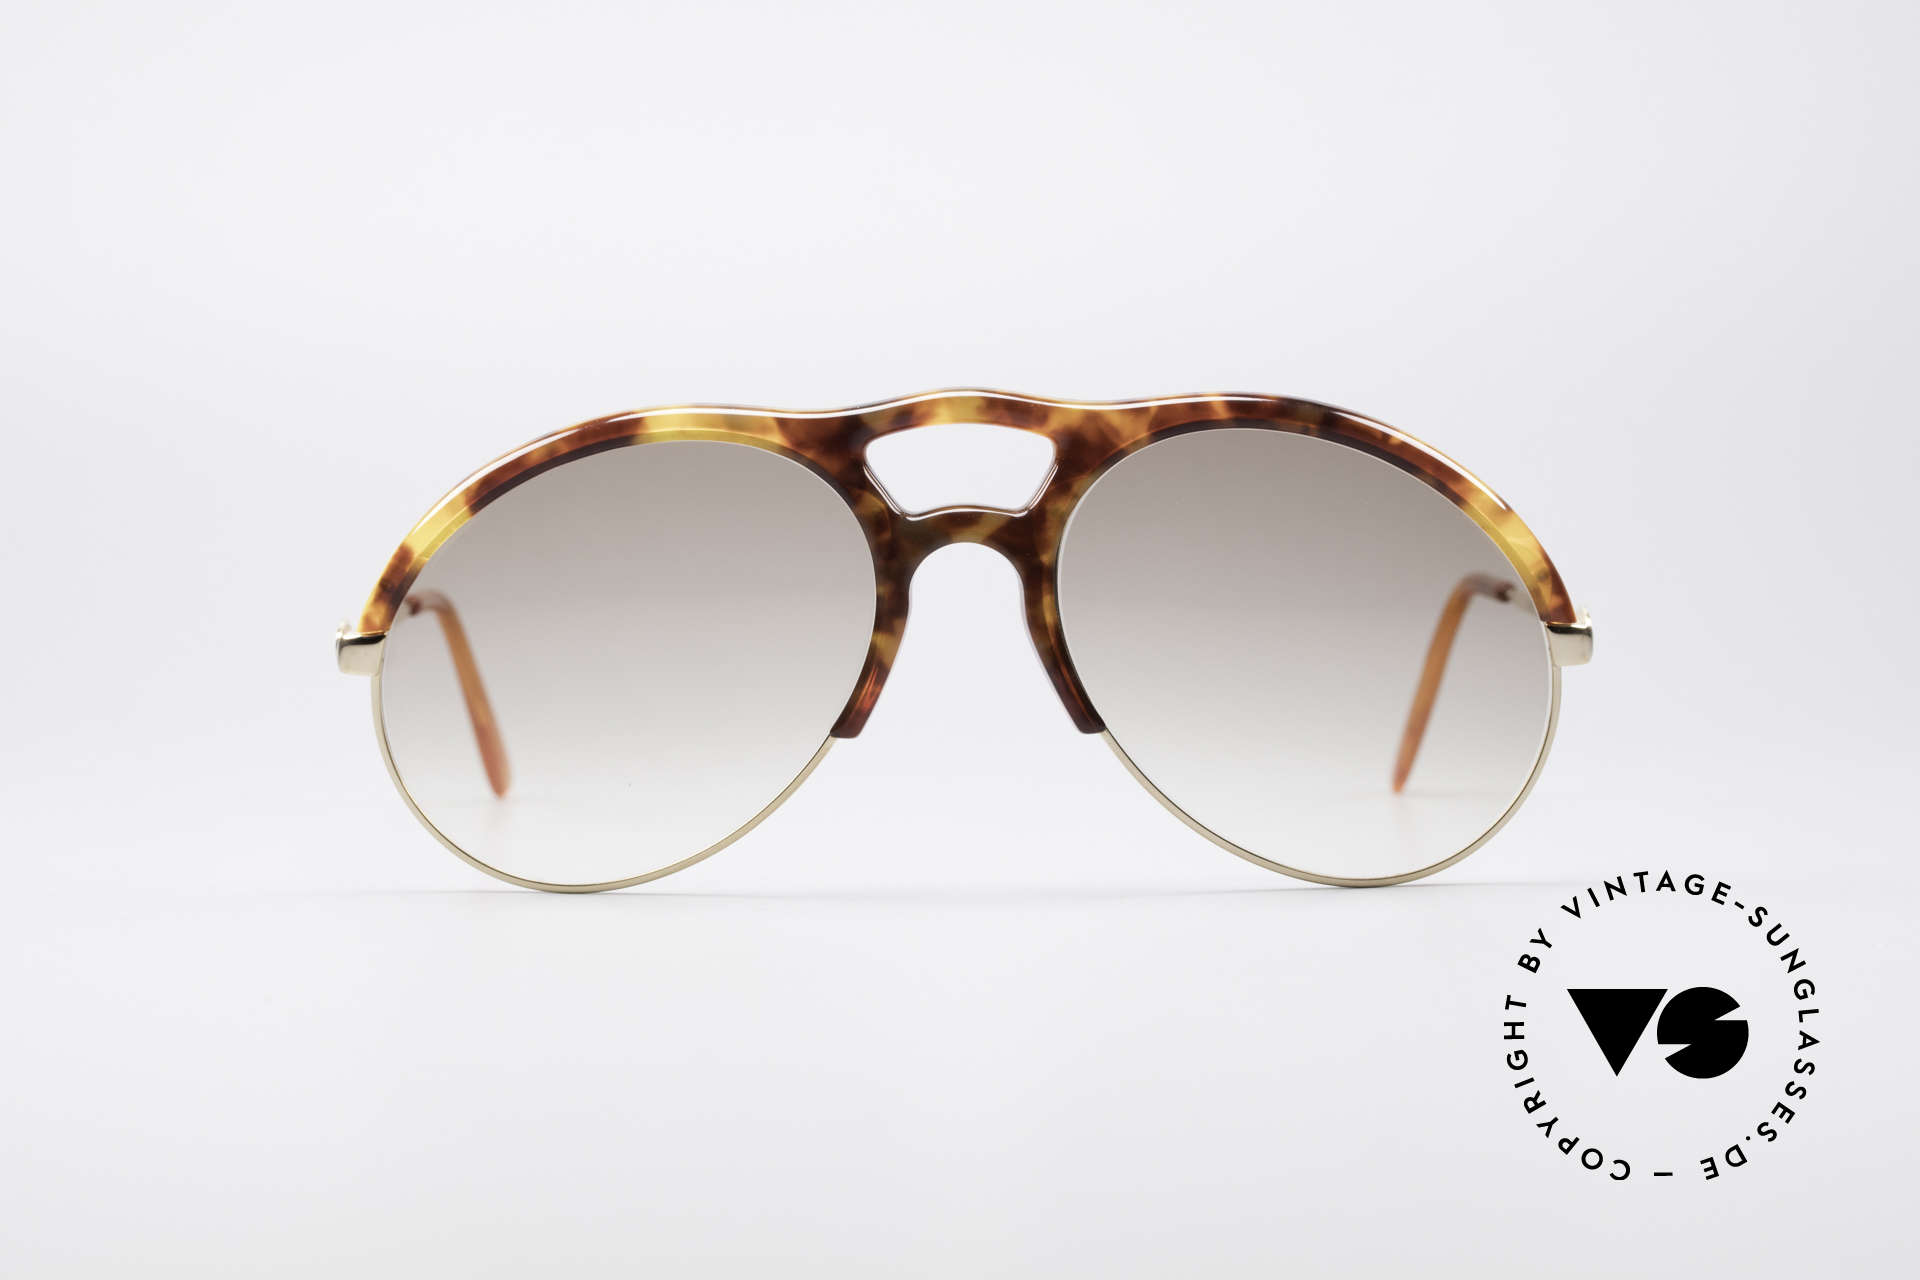 Bugatti 64900 Tortoise Optic 80's Glasses, noble tortoise-optic (true rarity from the early 80's), Made for Men